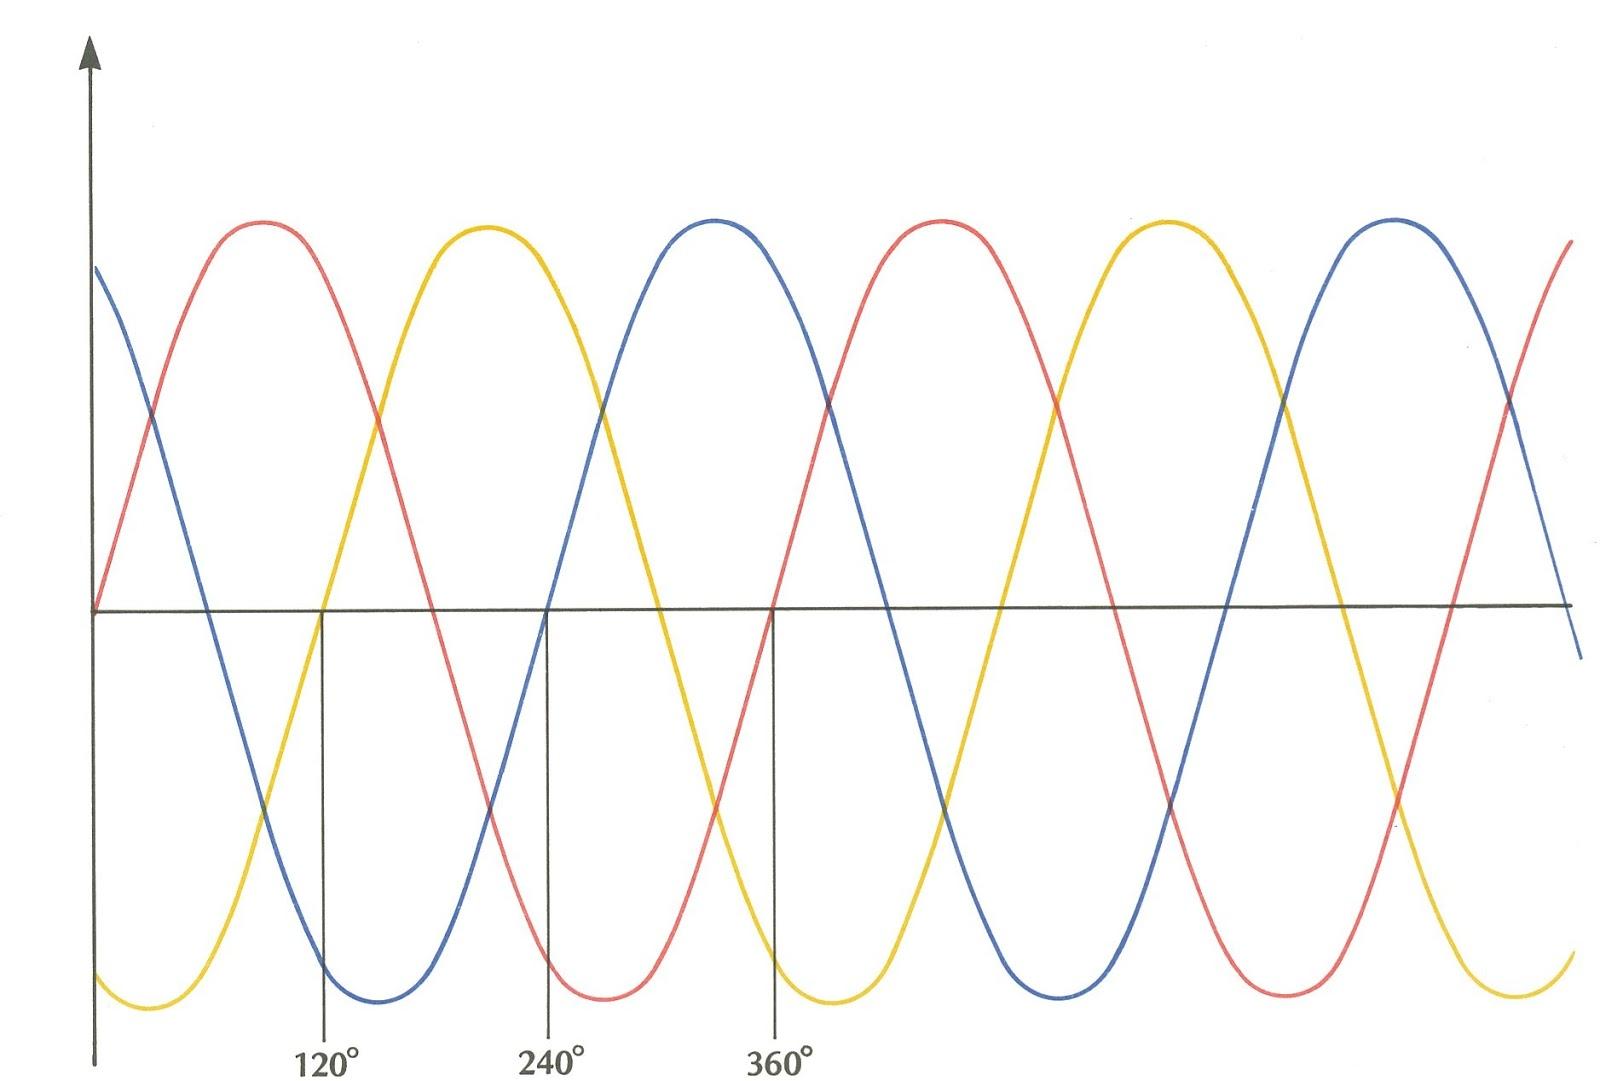 hight resolution of allis chalmers ca wiring diagram images allis chalmers b c ca allis chalmers wiring schematic nilza b c